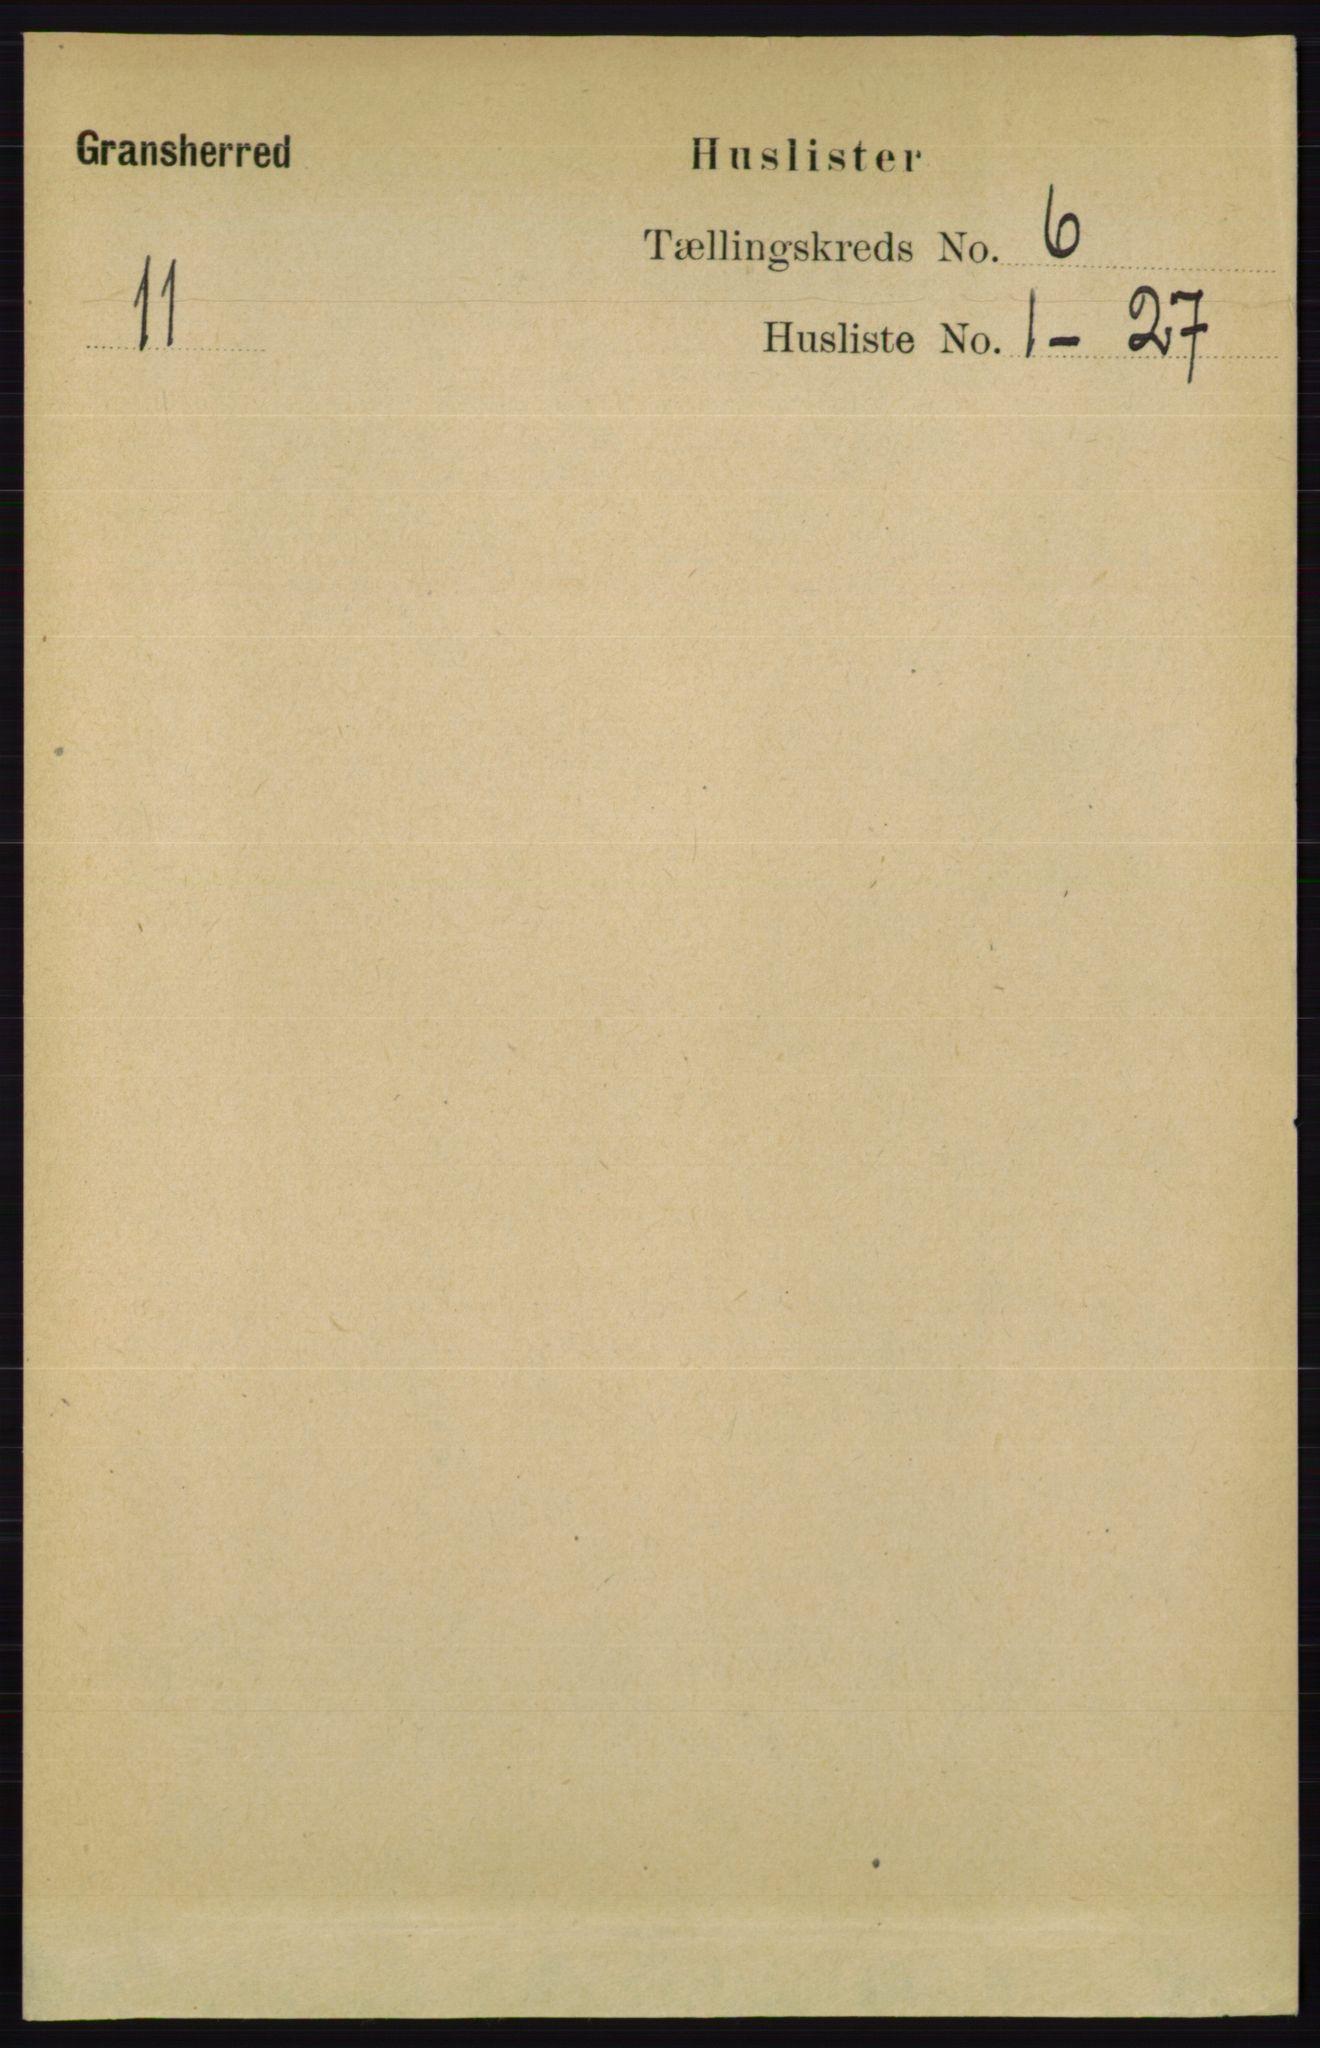 RA, Folketelling 1891 for 0824 Gransherad herred, 1891, s. 978